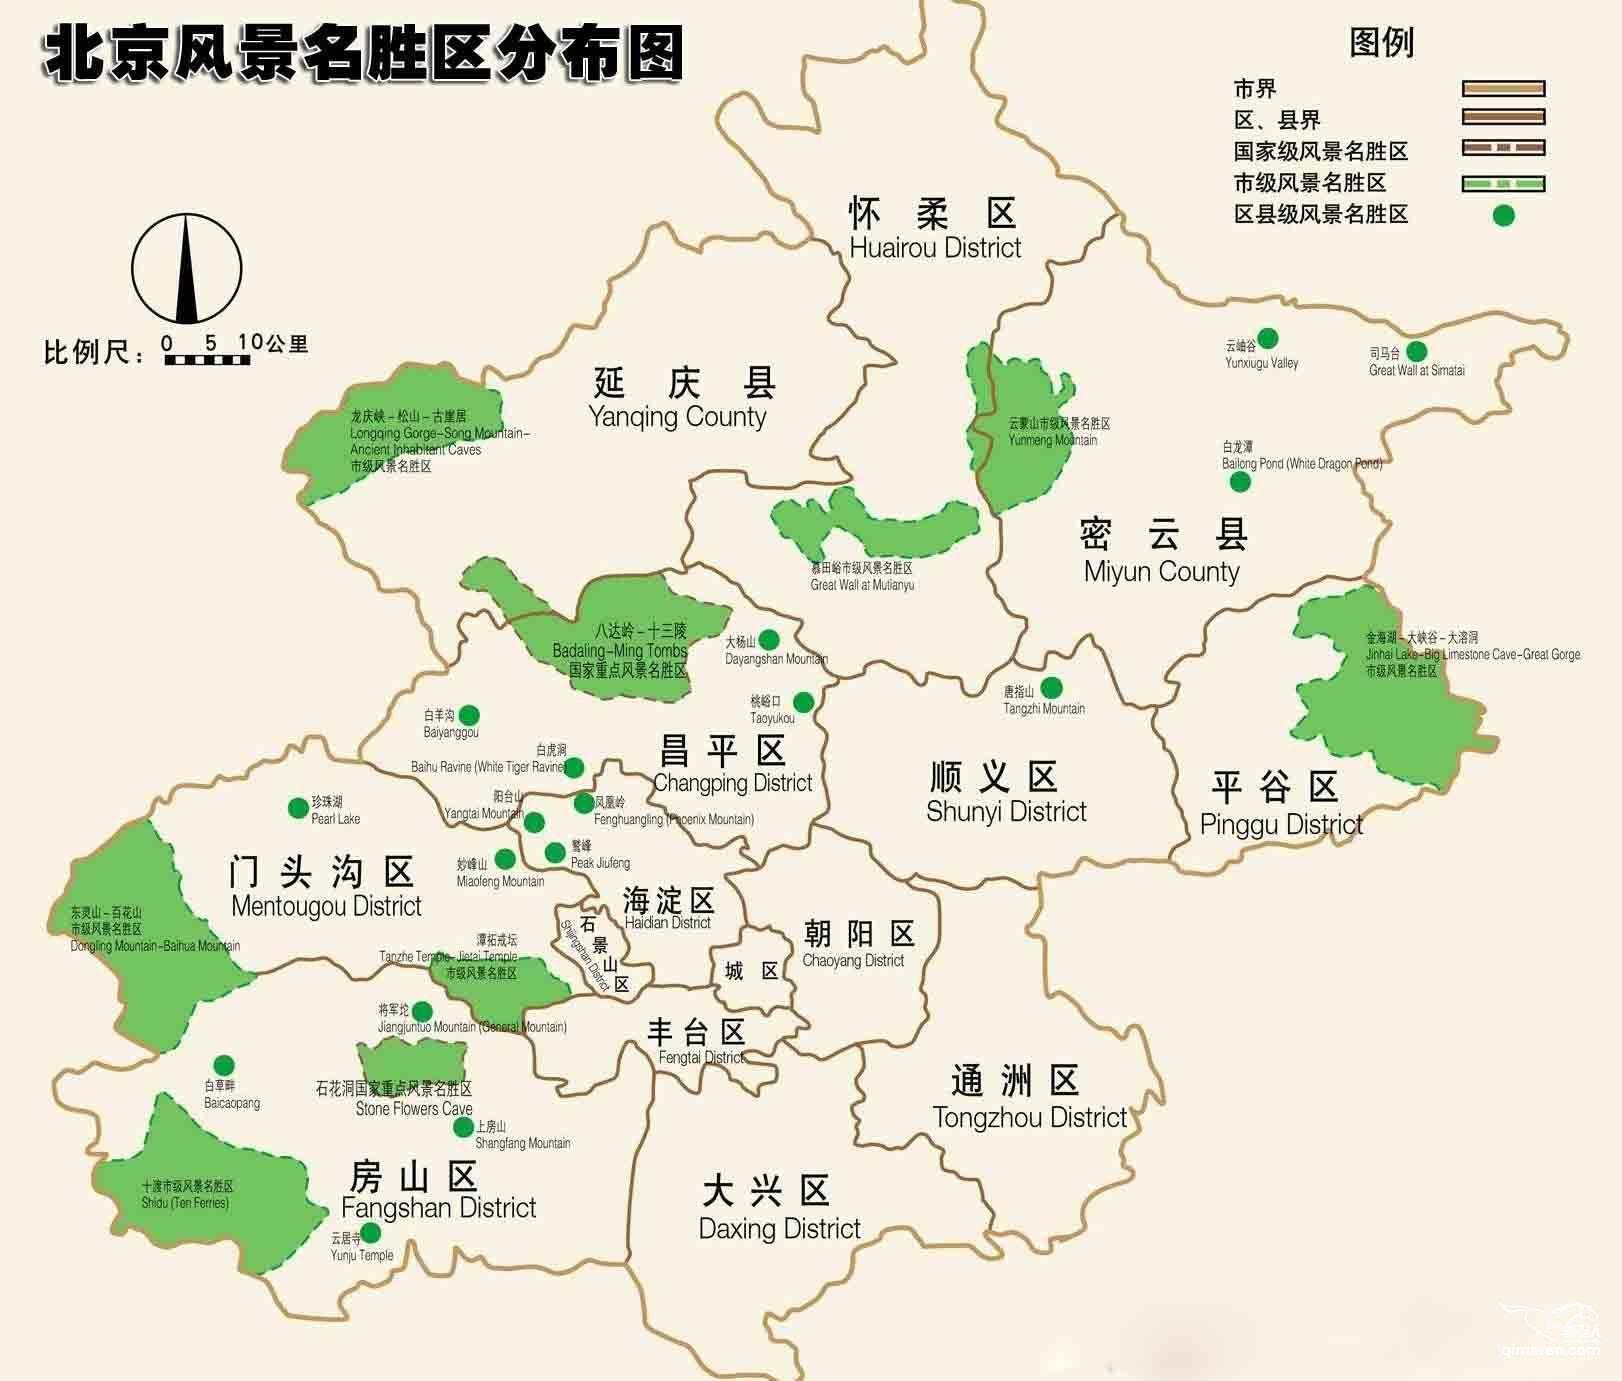 北京风景名胜区分布图_北京旅游地图库_地图窝